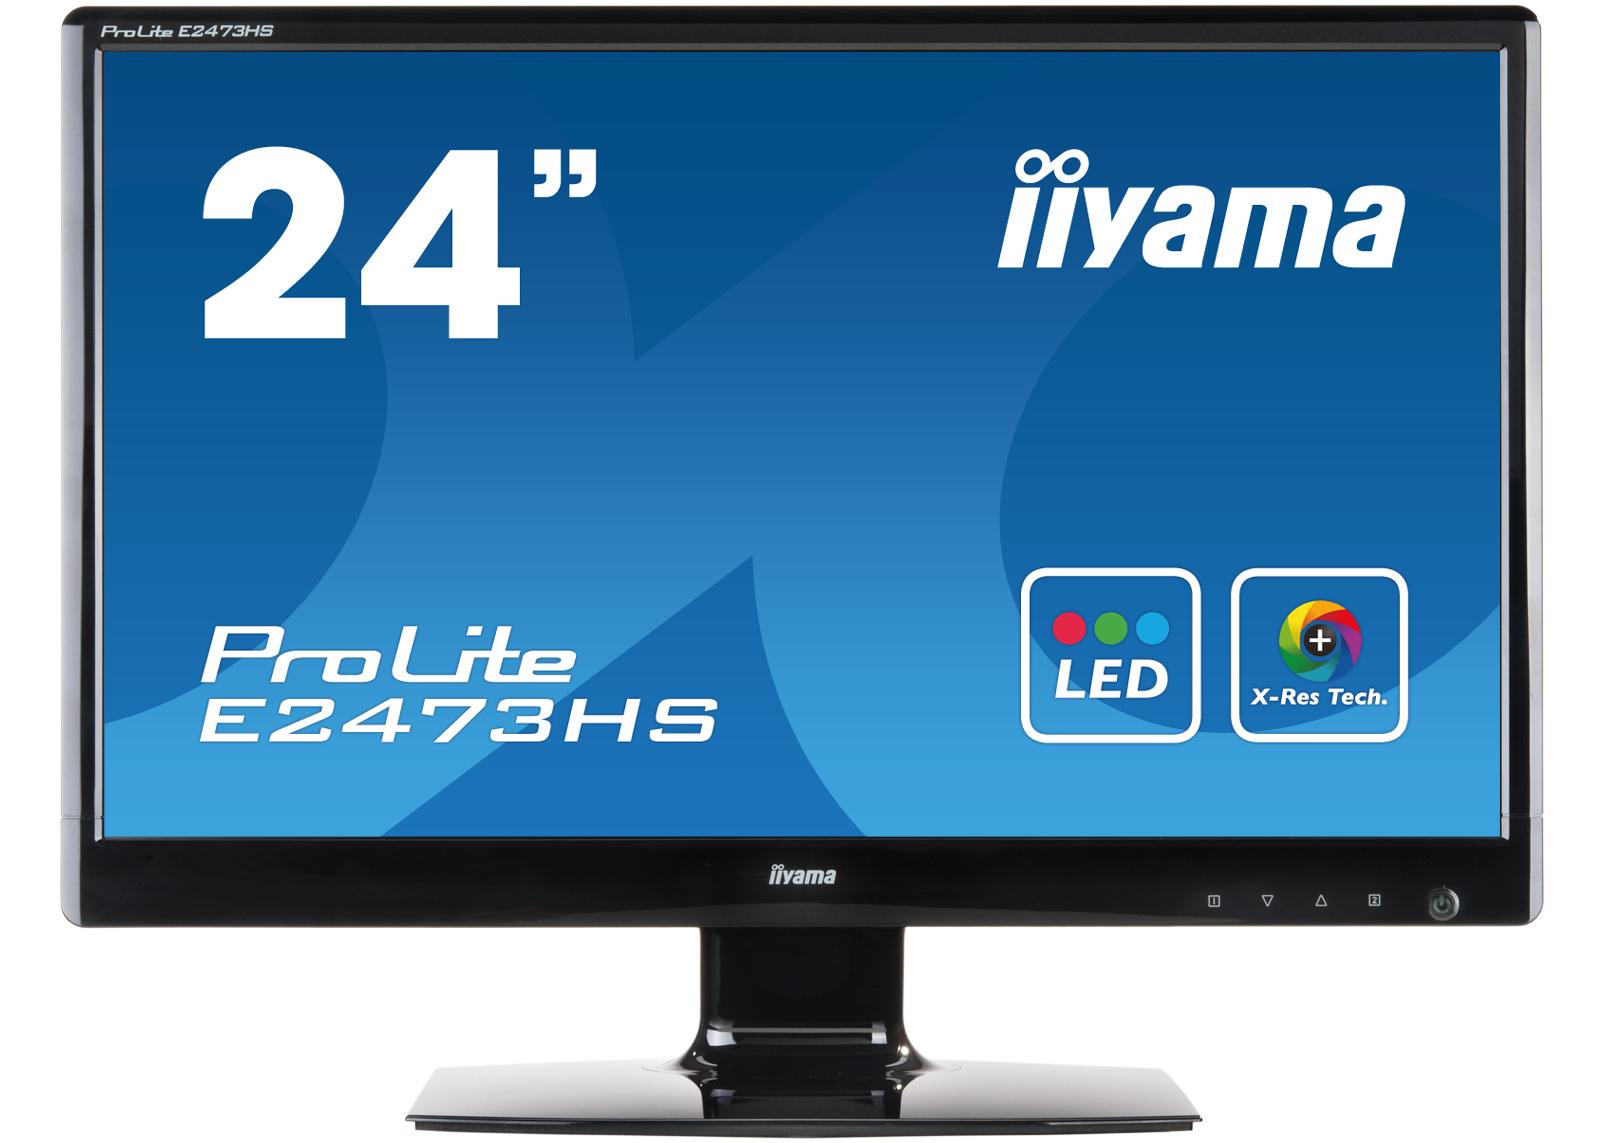 iiyama E2473HS-GB1 ProLite, 599.4 mm (23.6 ), 2 ms, 300 cd/m², 2 W, Black, Kensington